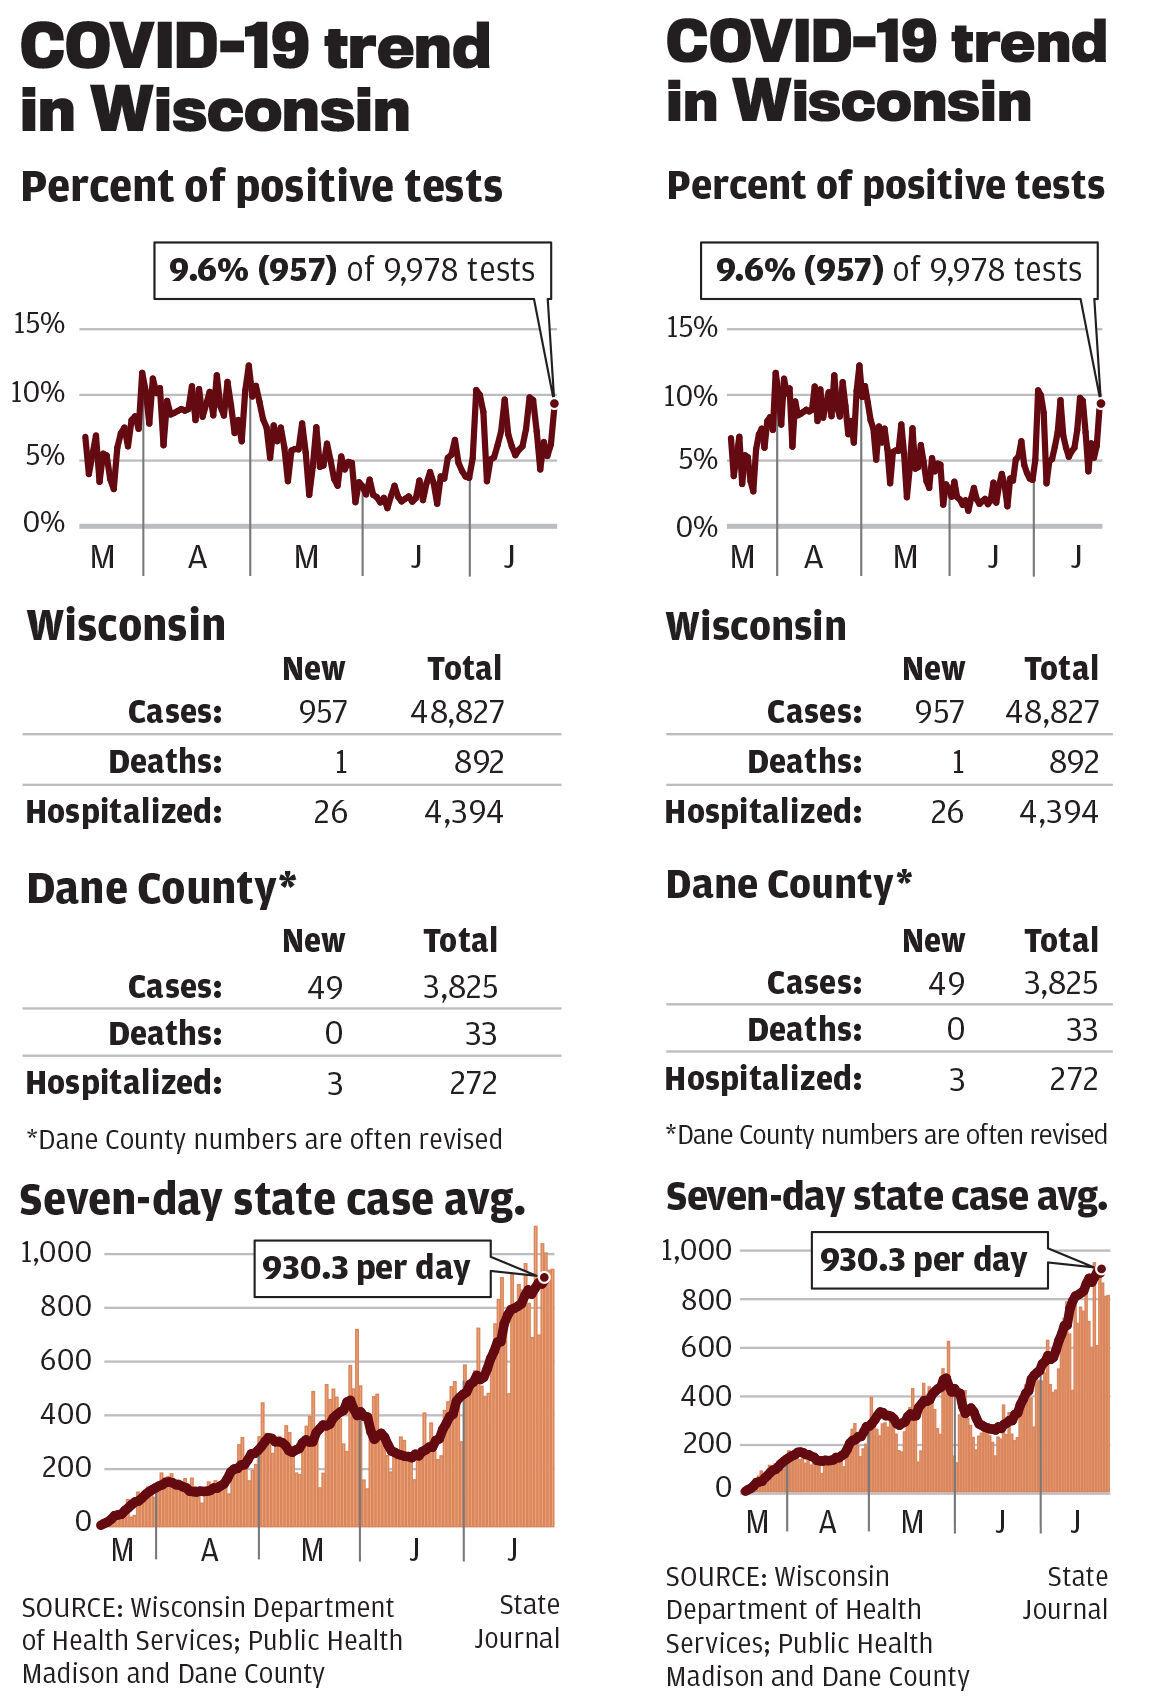 Wisconsin trends